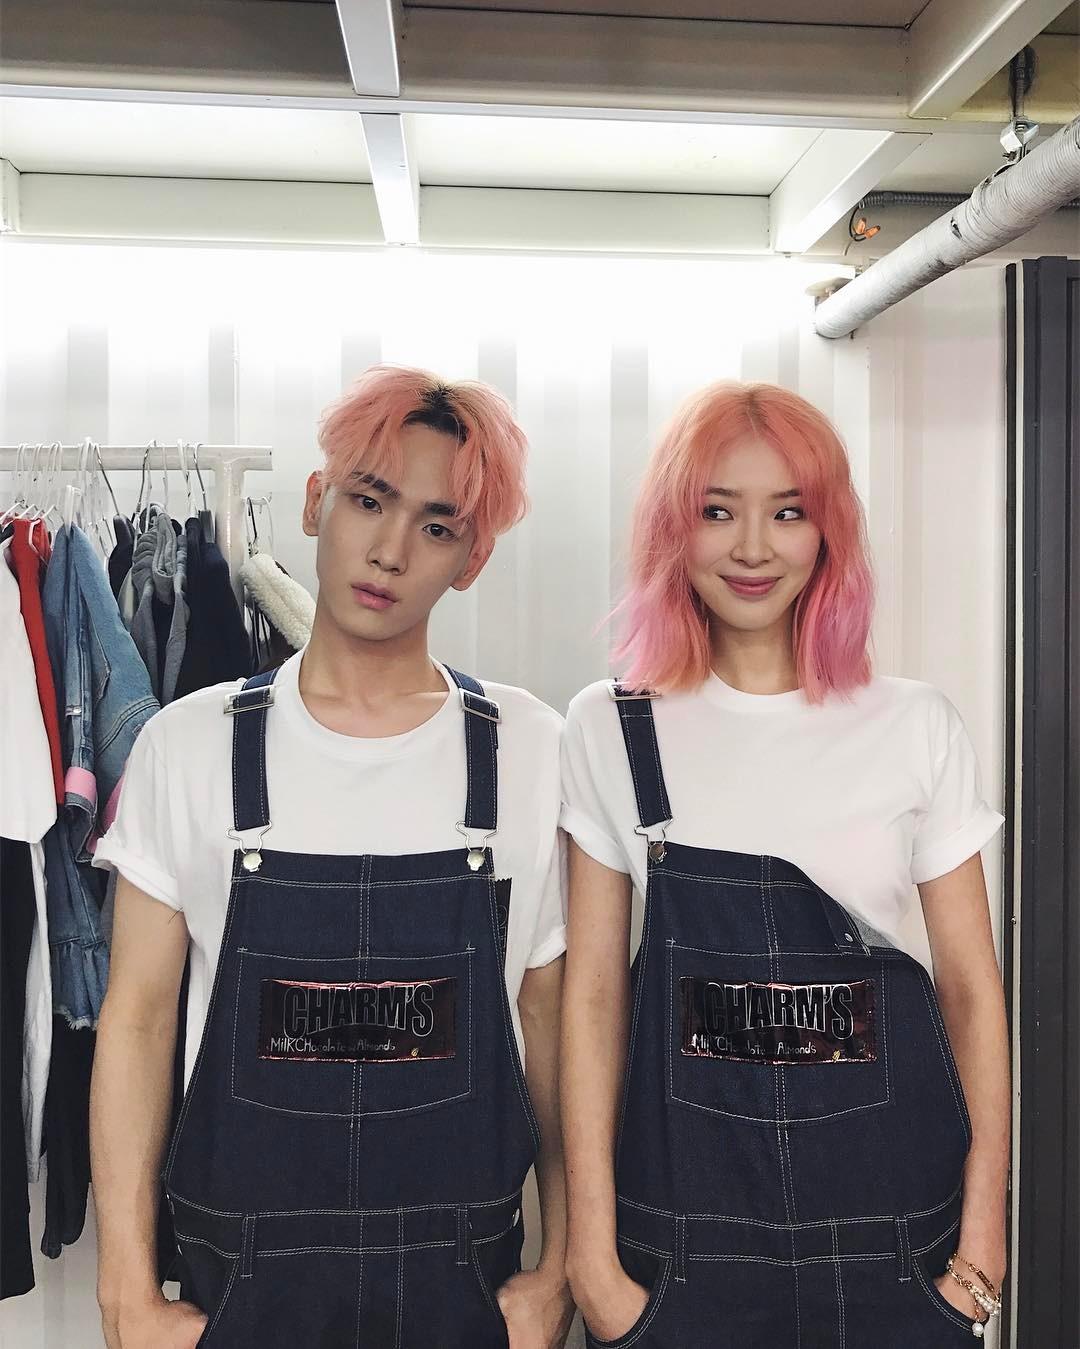 Gigi Hadid, Chan Yeol, Pony và loạt sao nổi tiếng đều nhuộm tóc hồng, còn bạn thì sao? - Ảnh 9.